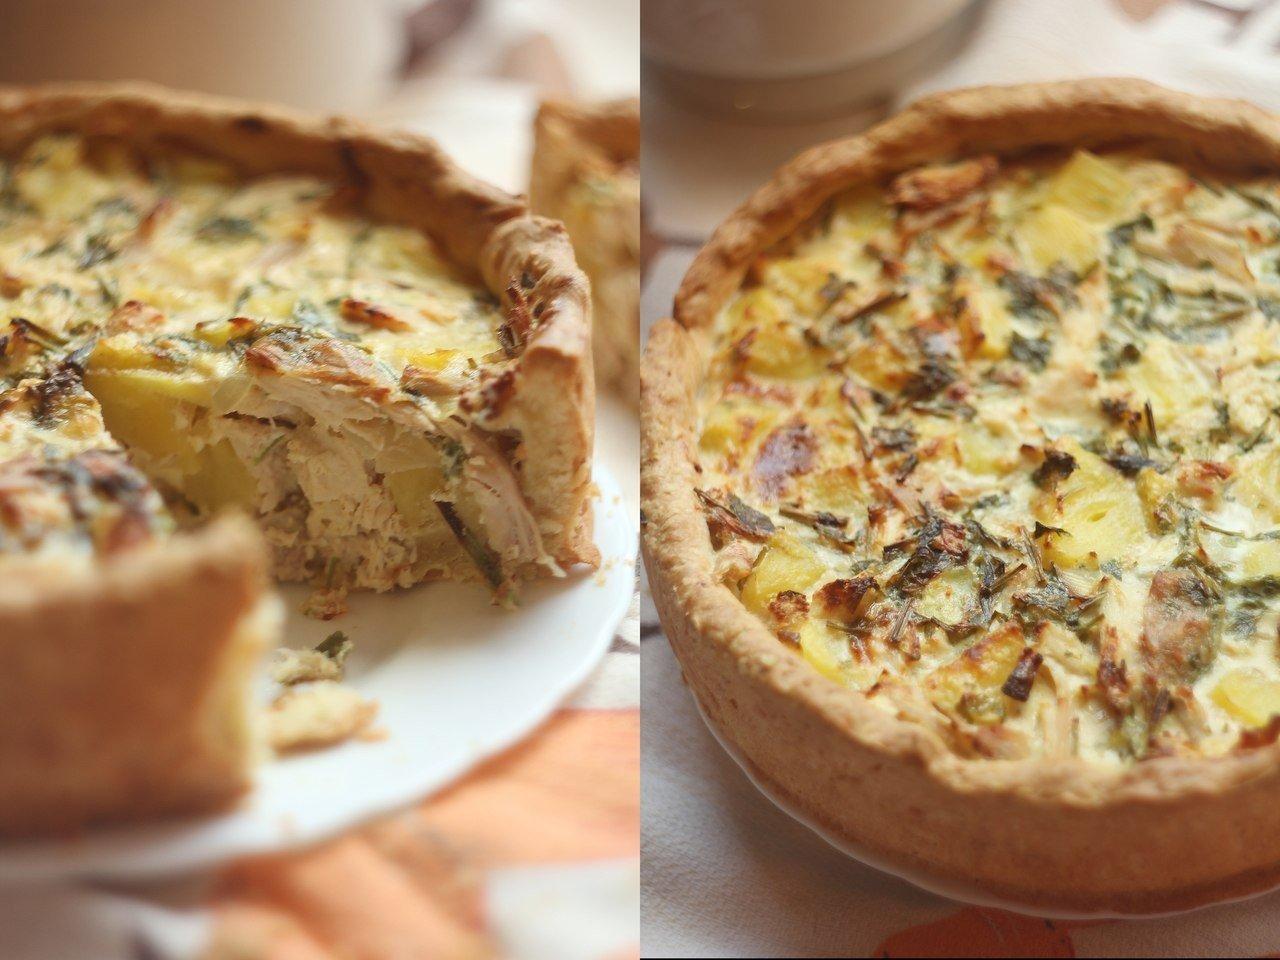 сияние пирог с курицей и картофелем фото валерия художественное